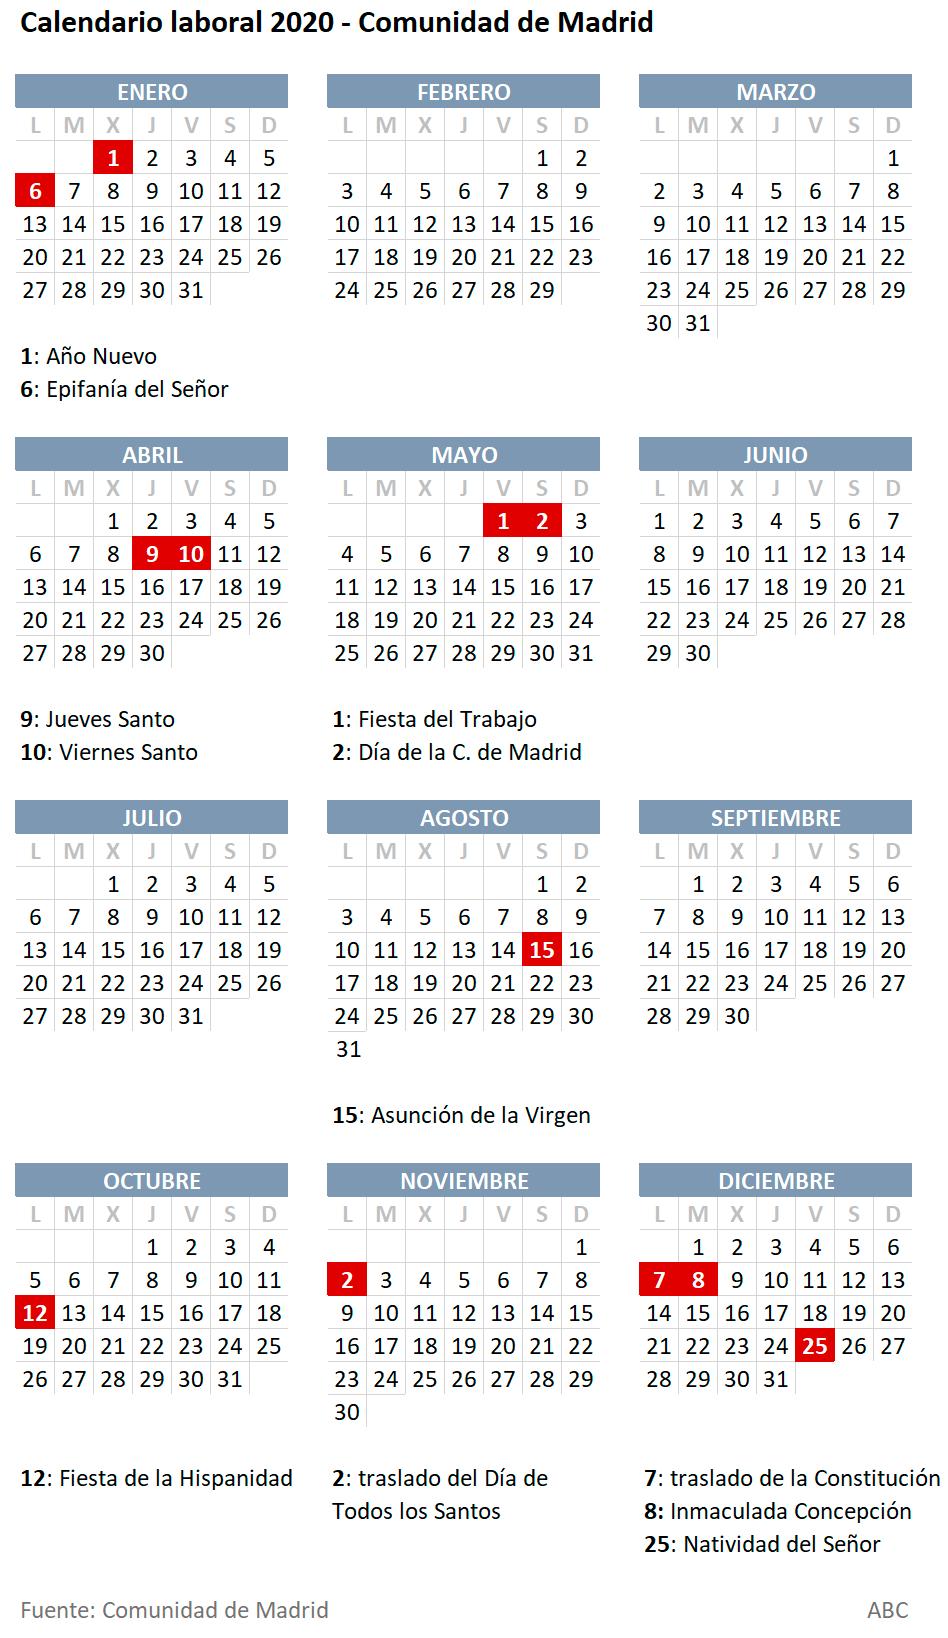 Calendario laboral de la Comunidad de Madrid de 2020